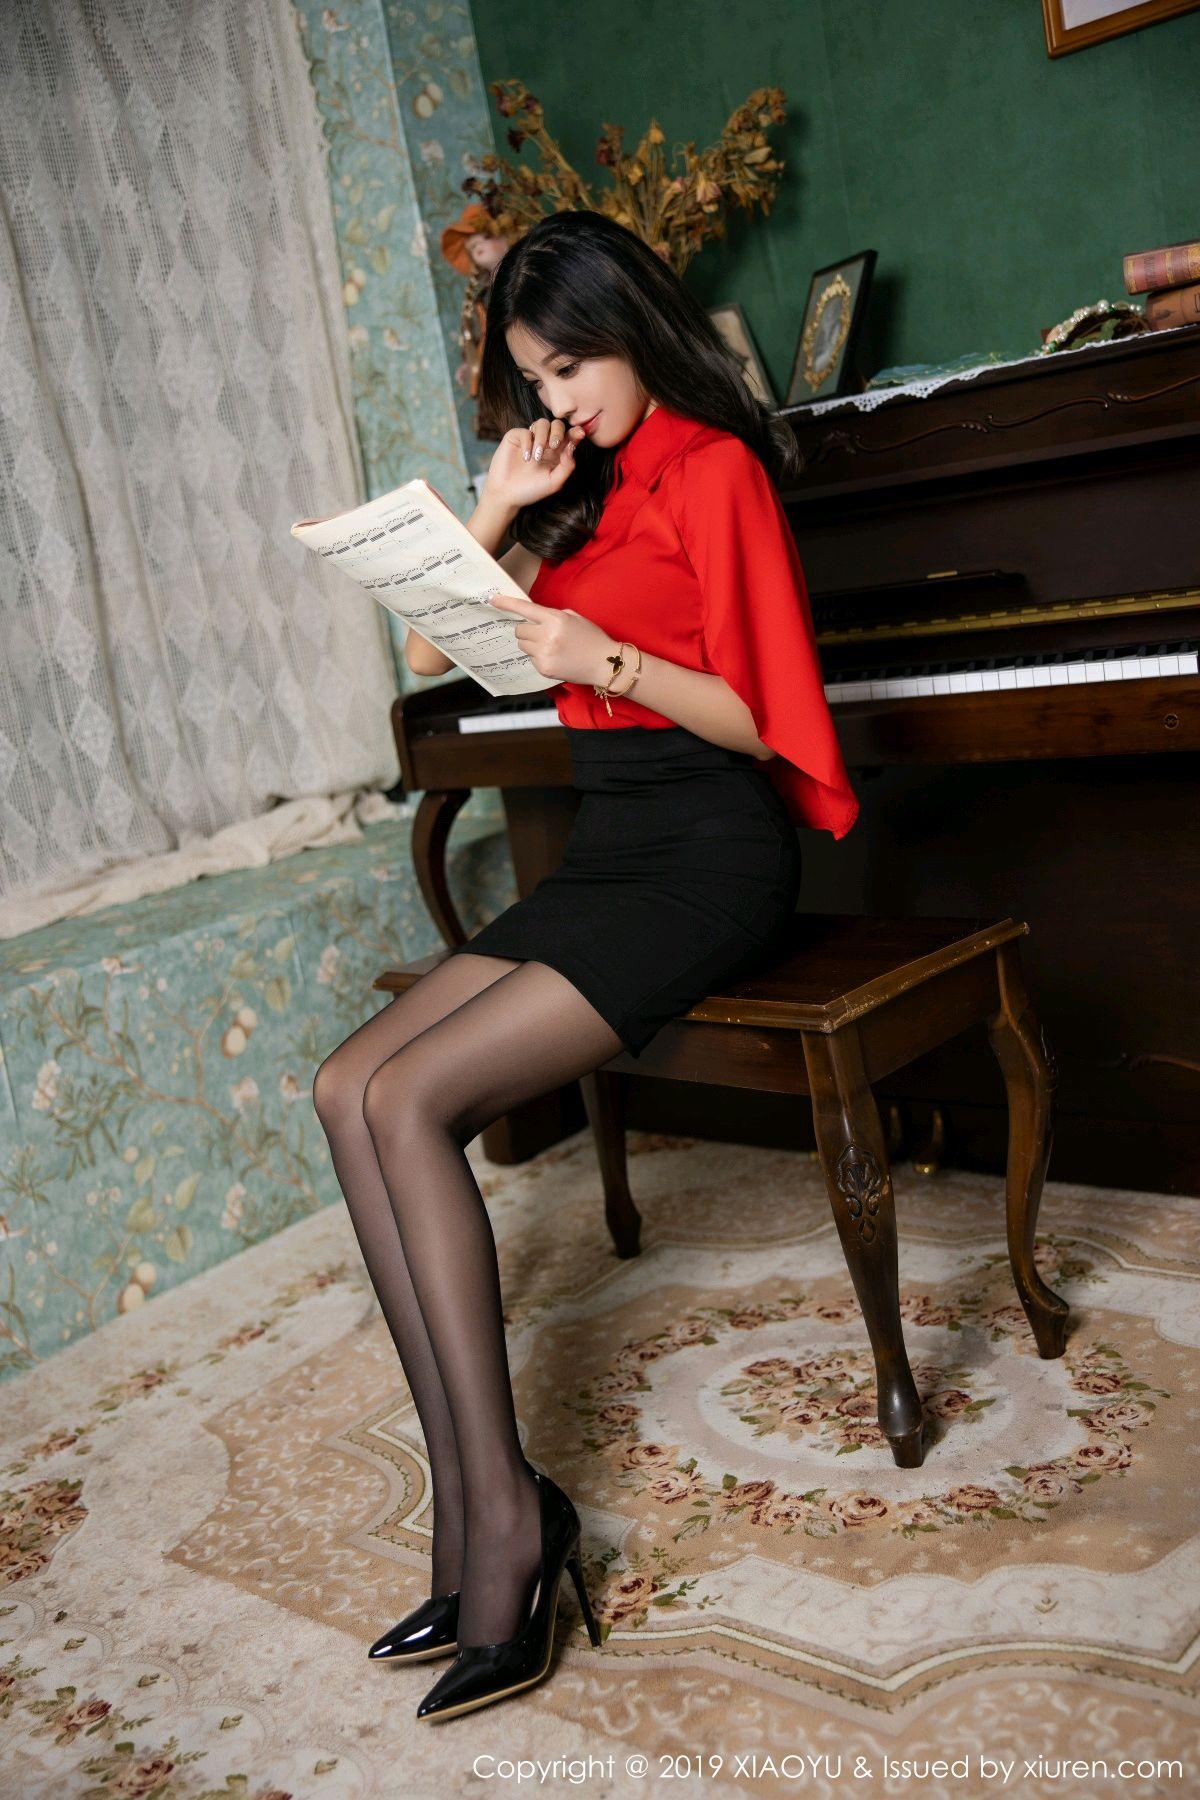 [XiaoYu] Vol.119 Yang Chen Chen 19P, Black Silk, Tall, Temperament, XiaoYu, Yang Chen Chen